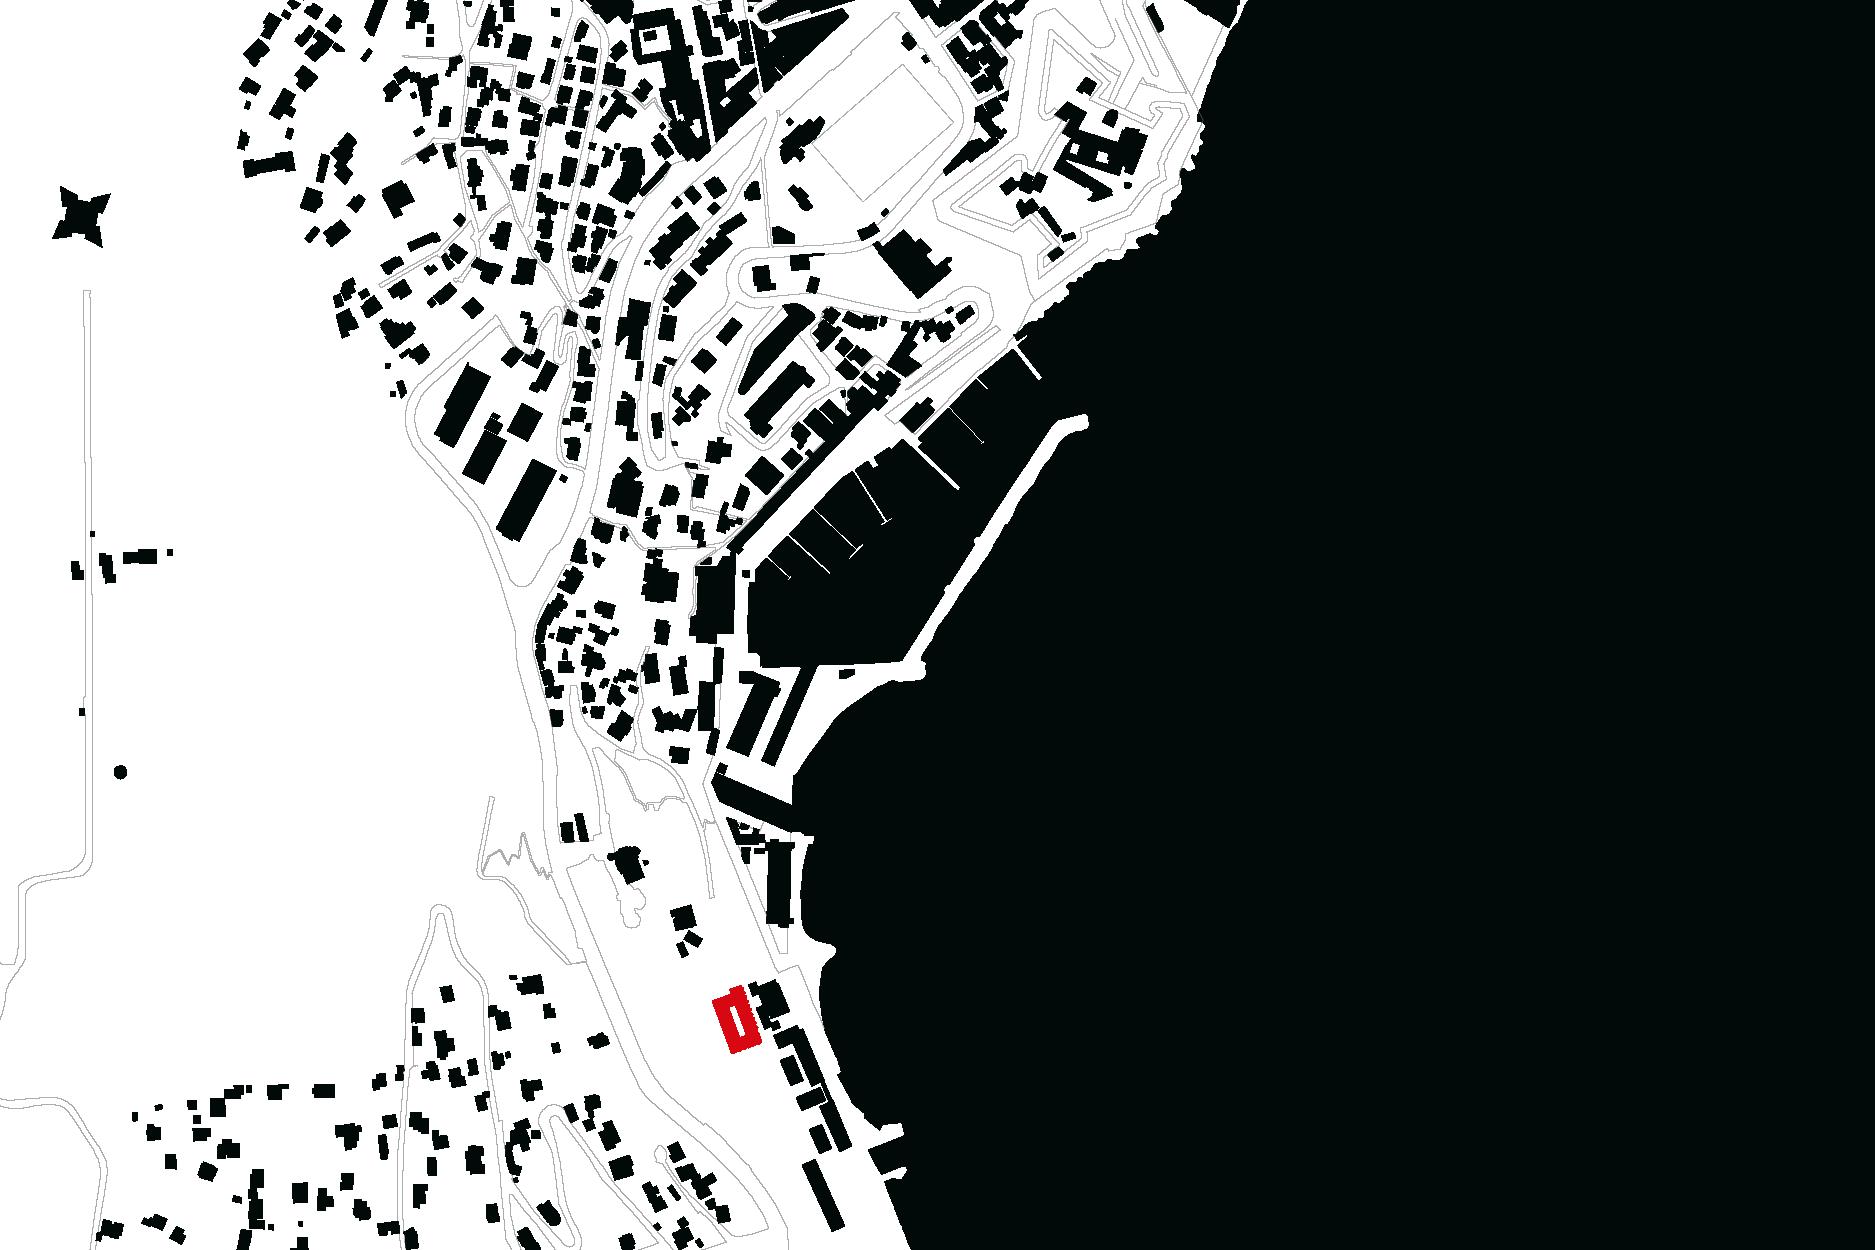 CAB-OBS-Centre d'Hebergement de l'Observatoire de Villefranche-Plan de localisation